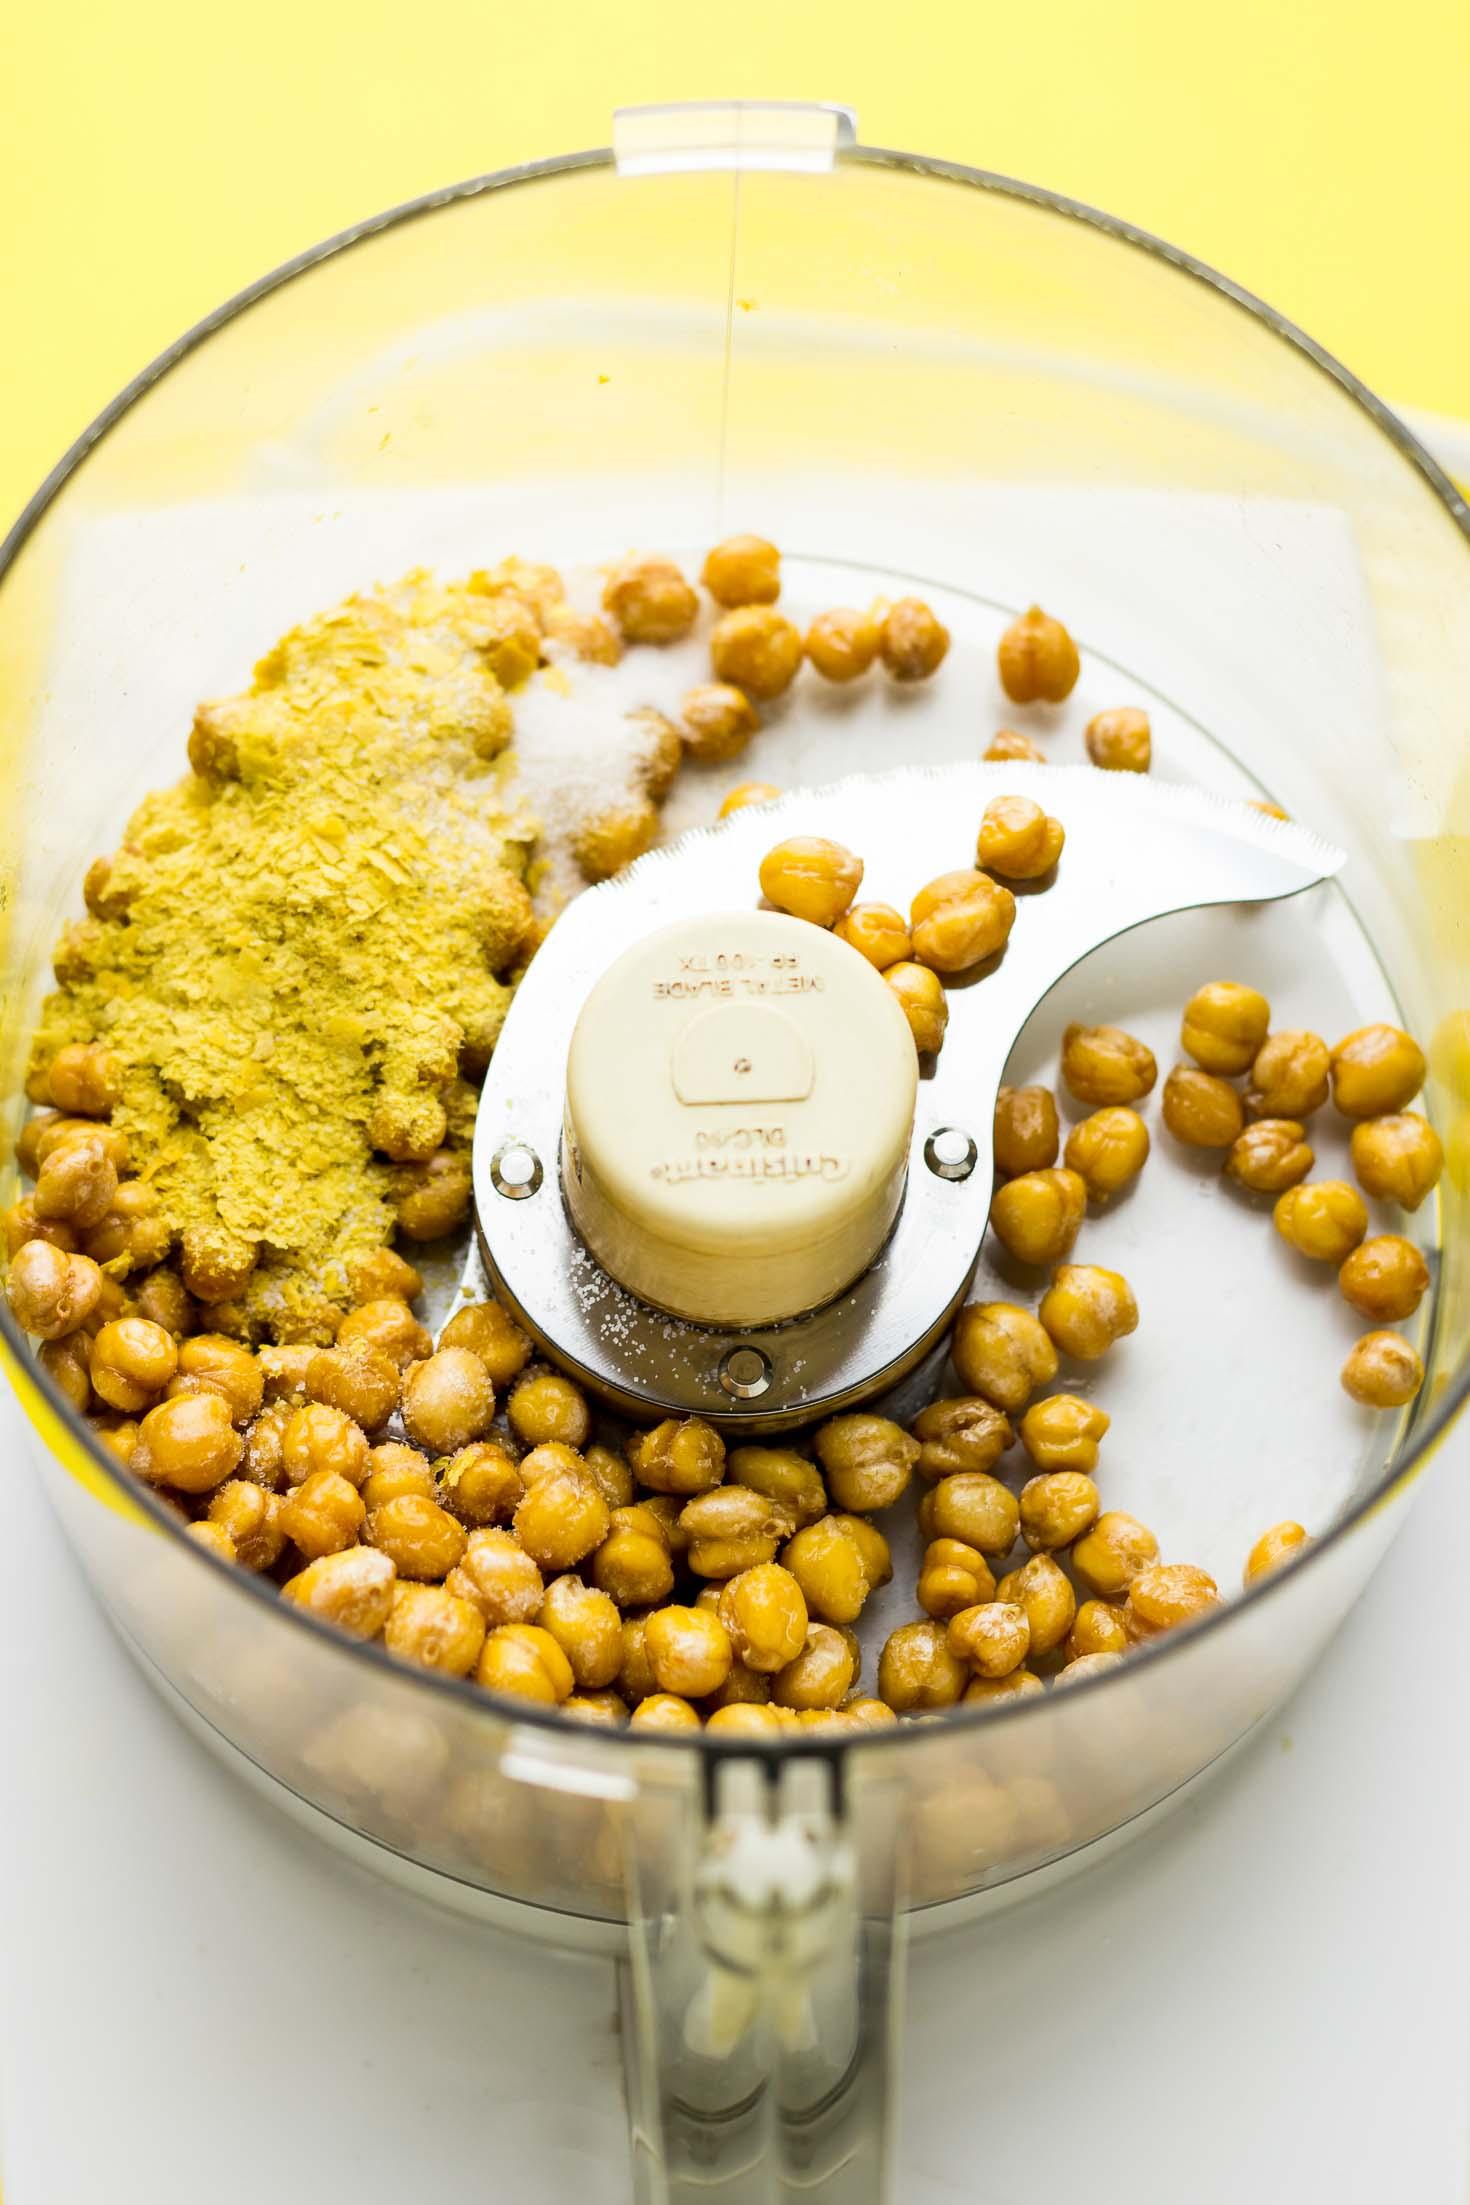 Nut-Free Vegan Parmesan Cheese